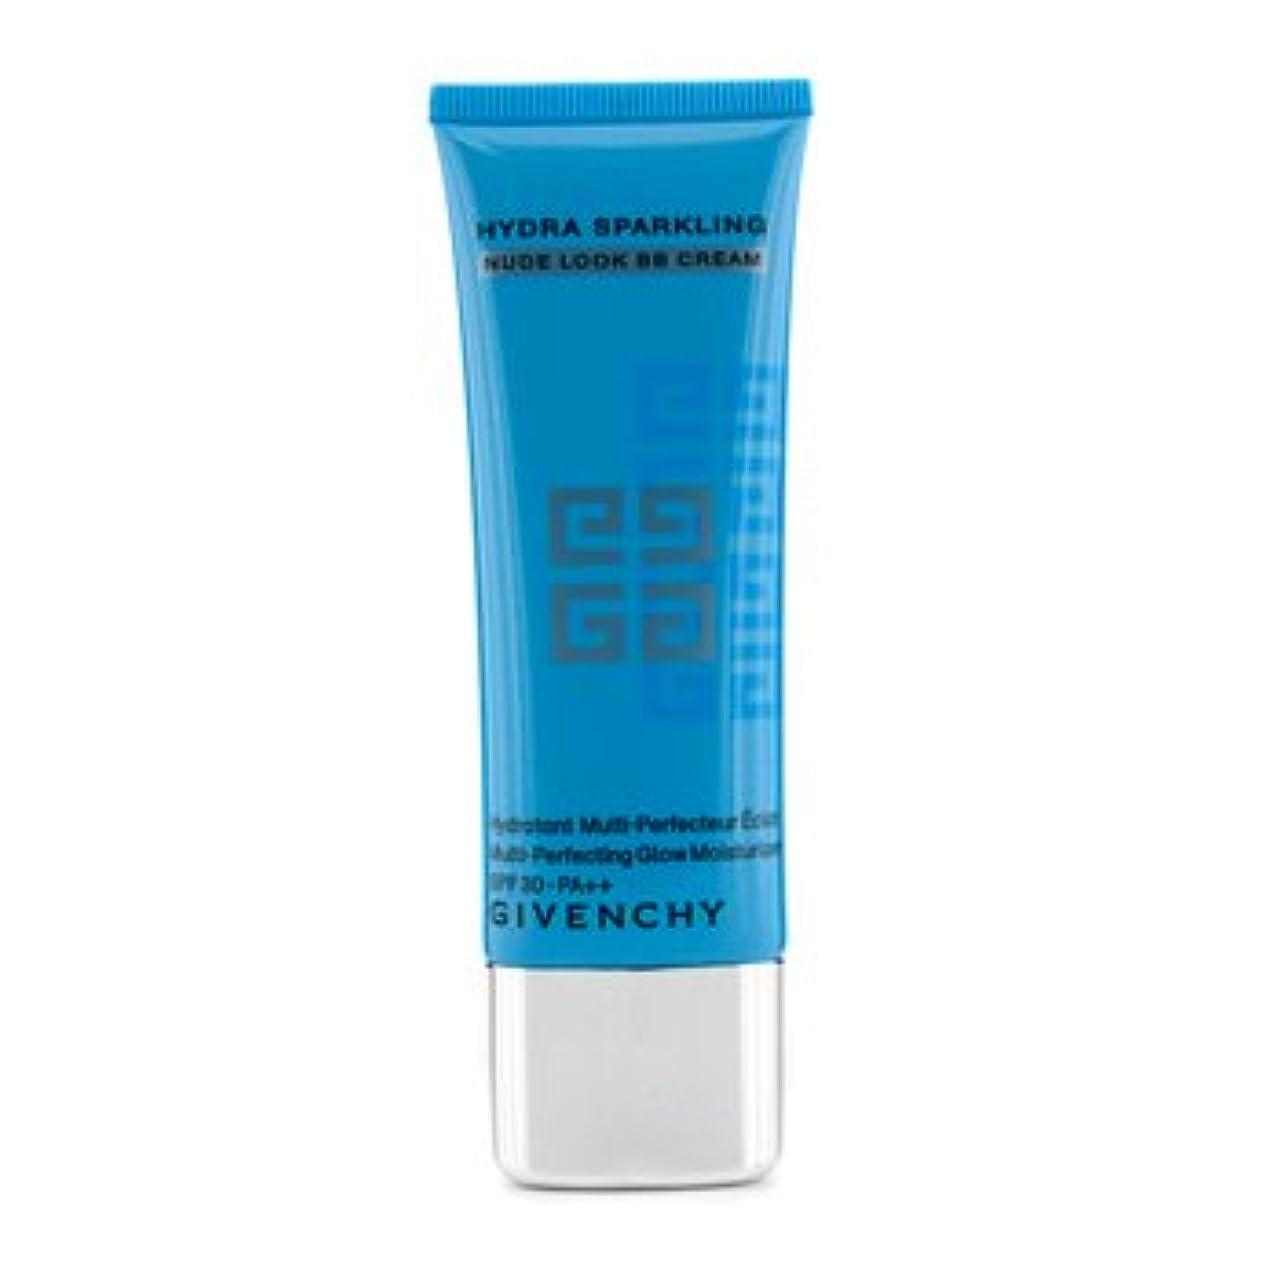 広告主天才アカウント[Givenchy] Nude Look BB Cream Multi-Perfecting Glow Moisturizer SPF 30 PA++ 40ml/1.35oz